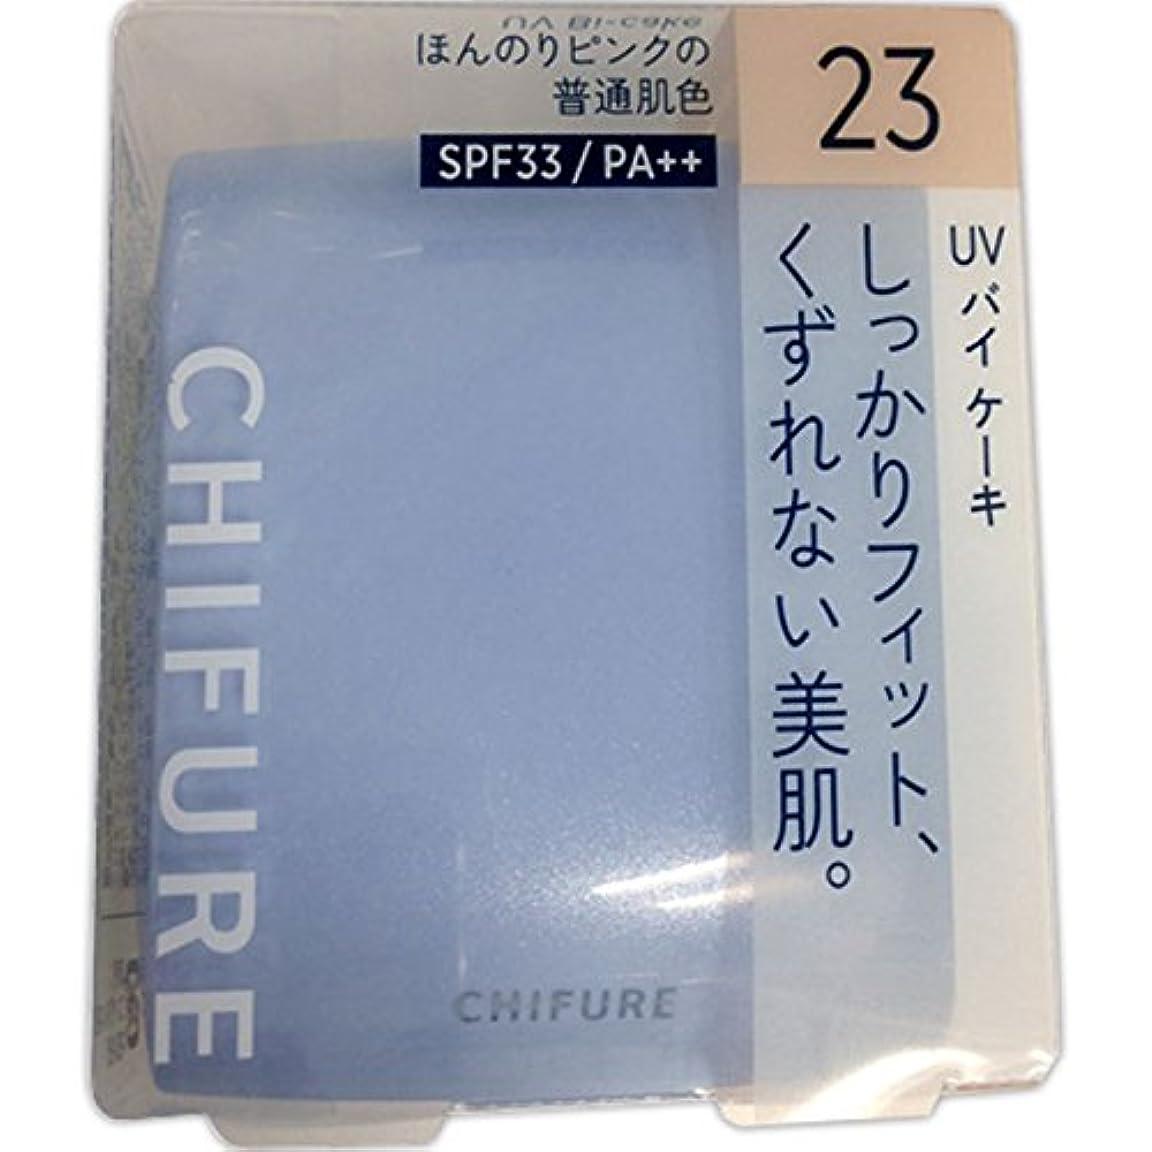 原油優れた触手UV バイ ケーキ(スポンジ入り) 23 ほんのりピンク普通肌色 14g